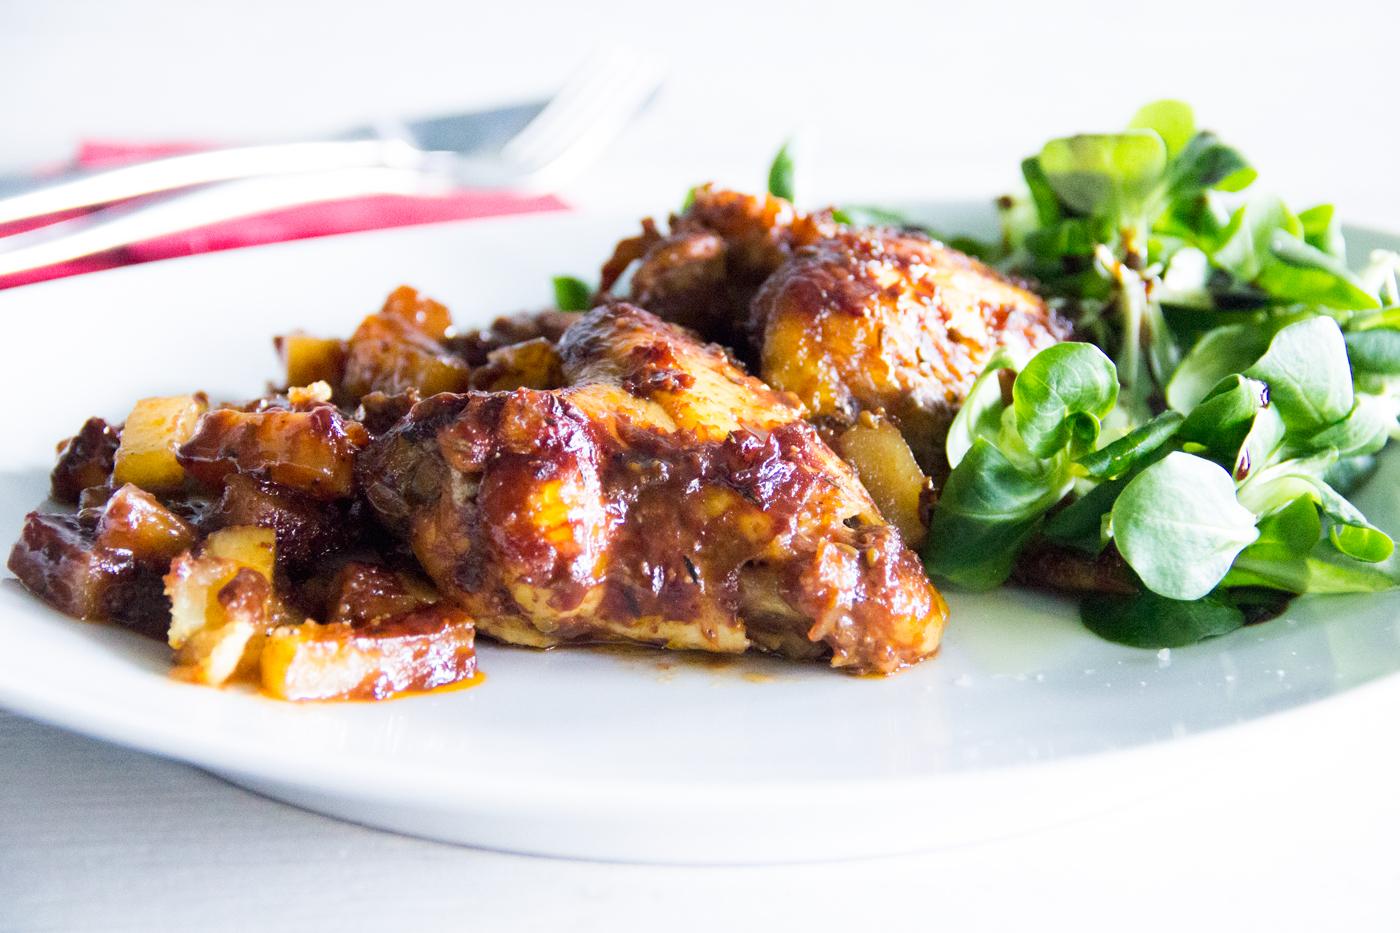 Alitas de pollo con salsa barbacoa bbq i comando cocina for Barbacoa bbq